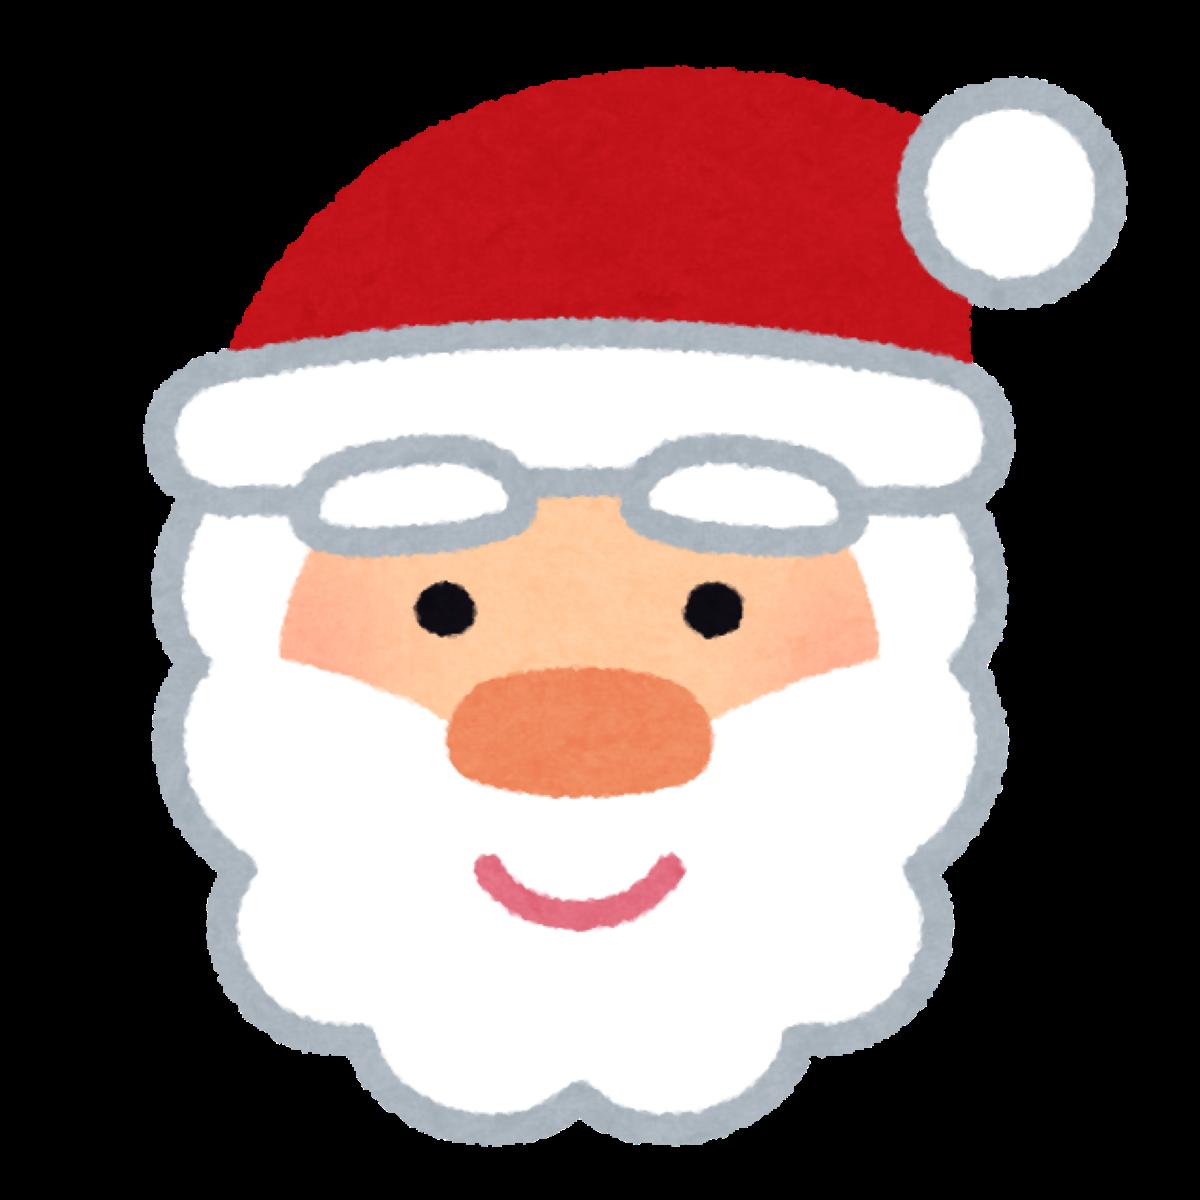 【イベント】2021.11/23(火・祝)開催★堺市北区・大泉緑地で『切り株サンタを作ろう』が今年も開催!事前予約は10/23(土)から♪: